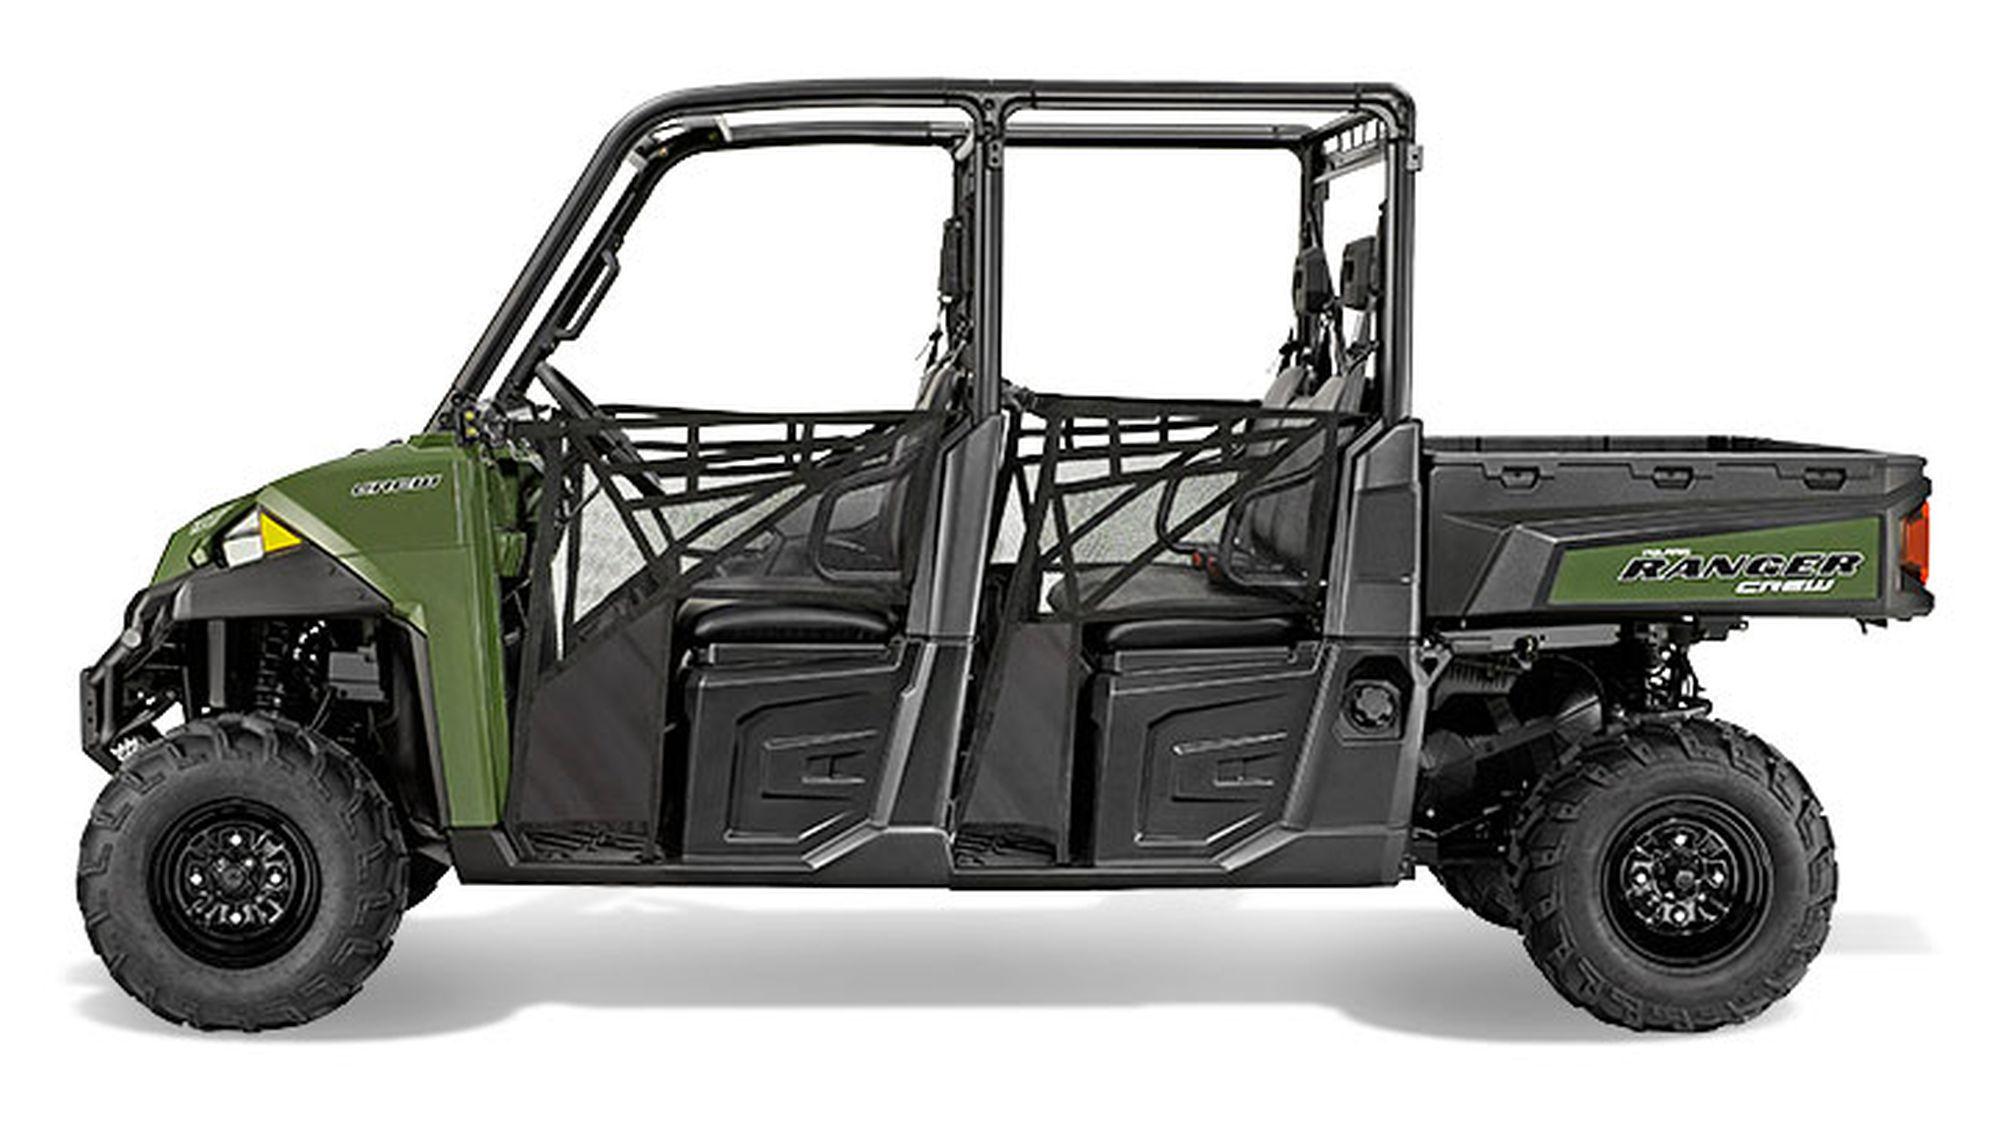 gebrauchte und neue polaris ranger 900 crew motorr der kaufen. Black Bedroom Furniture Sets. Home Design Ideas